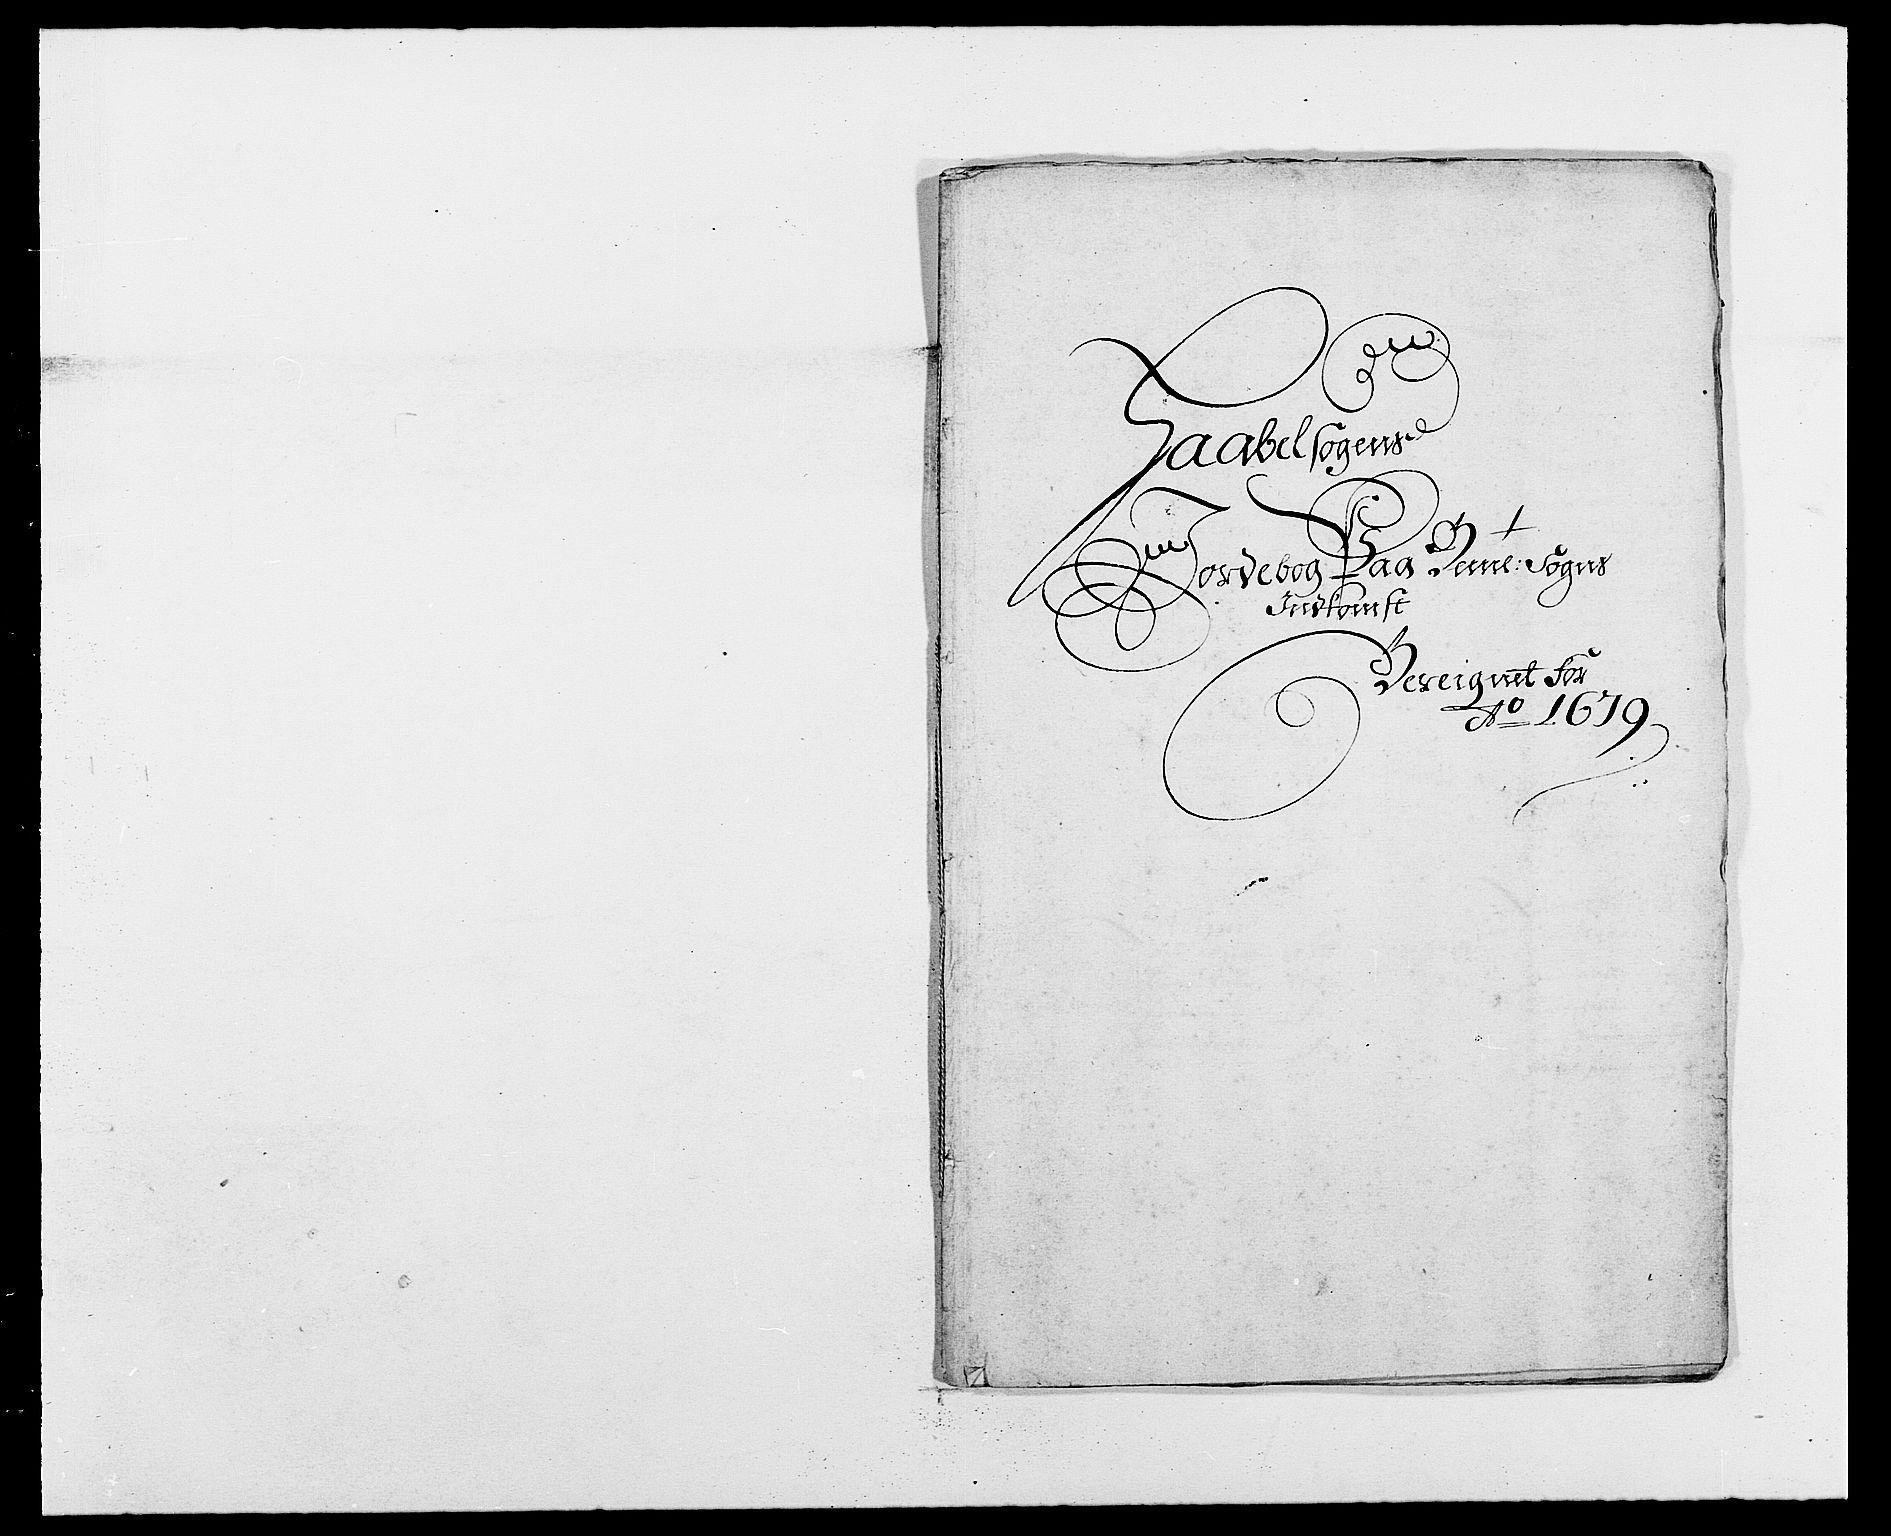 RA, Rentekammeret inntil 1814, Reviderte regnskaper, Fogderegnskap, R02/L0100: Fogderegnskap Moss og Verne kloster, 1679, s. 133